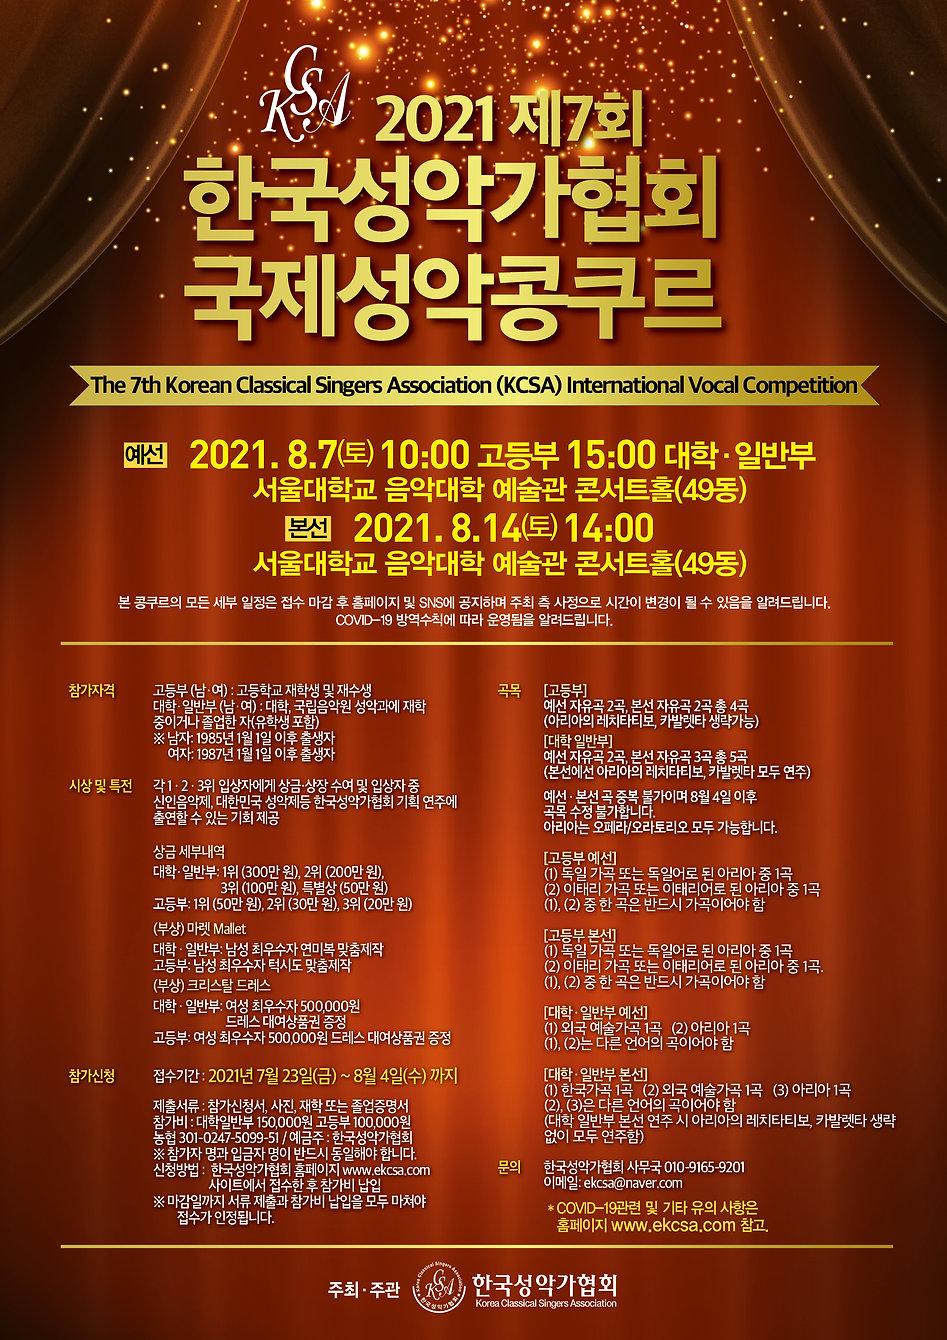 제7회 국제성악콩쿨 포스터.jpg